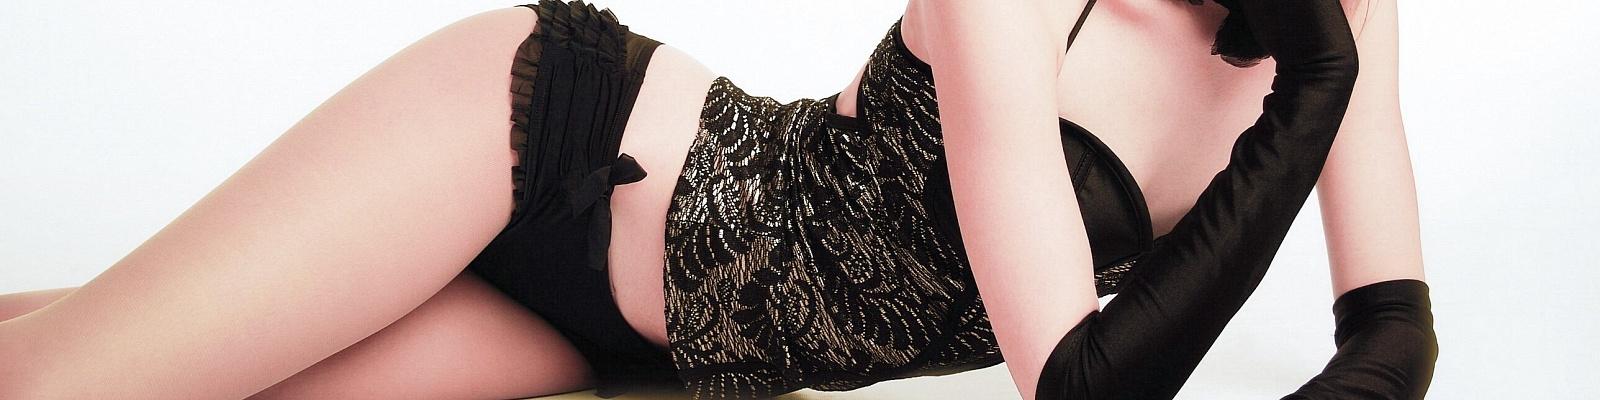 Victoria Casanova's Cover Photo